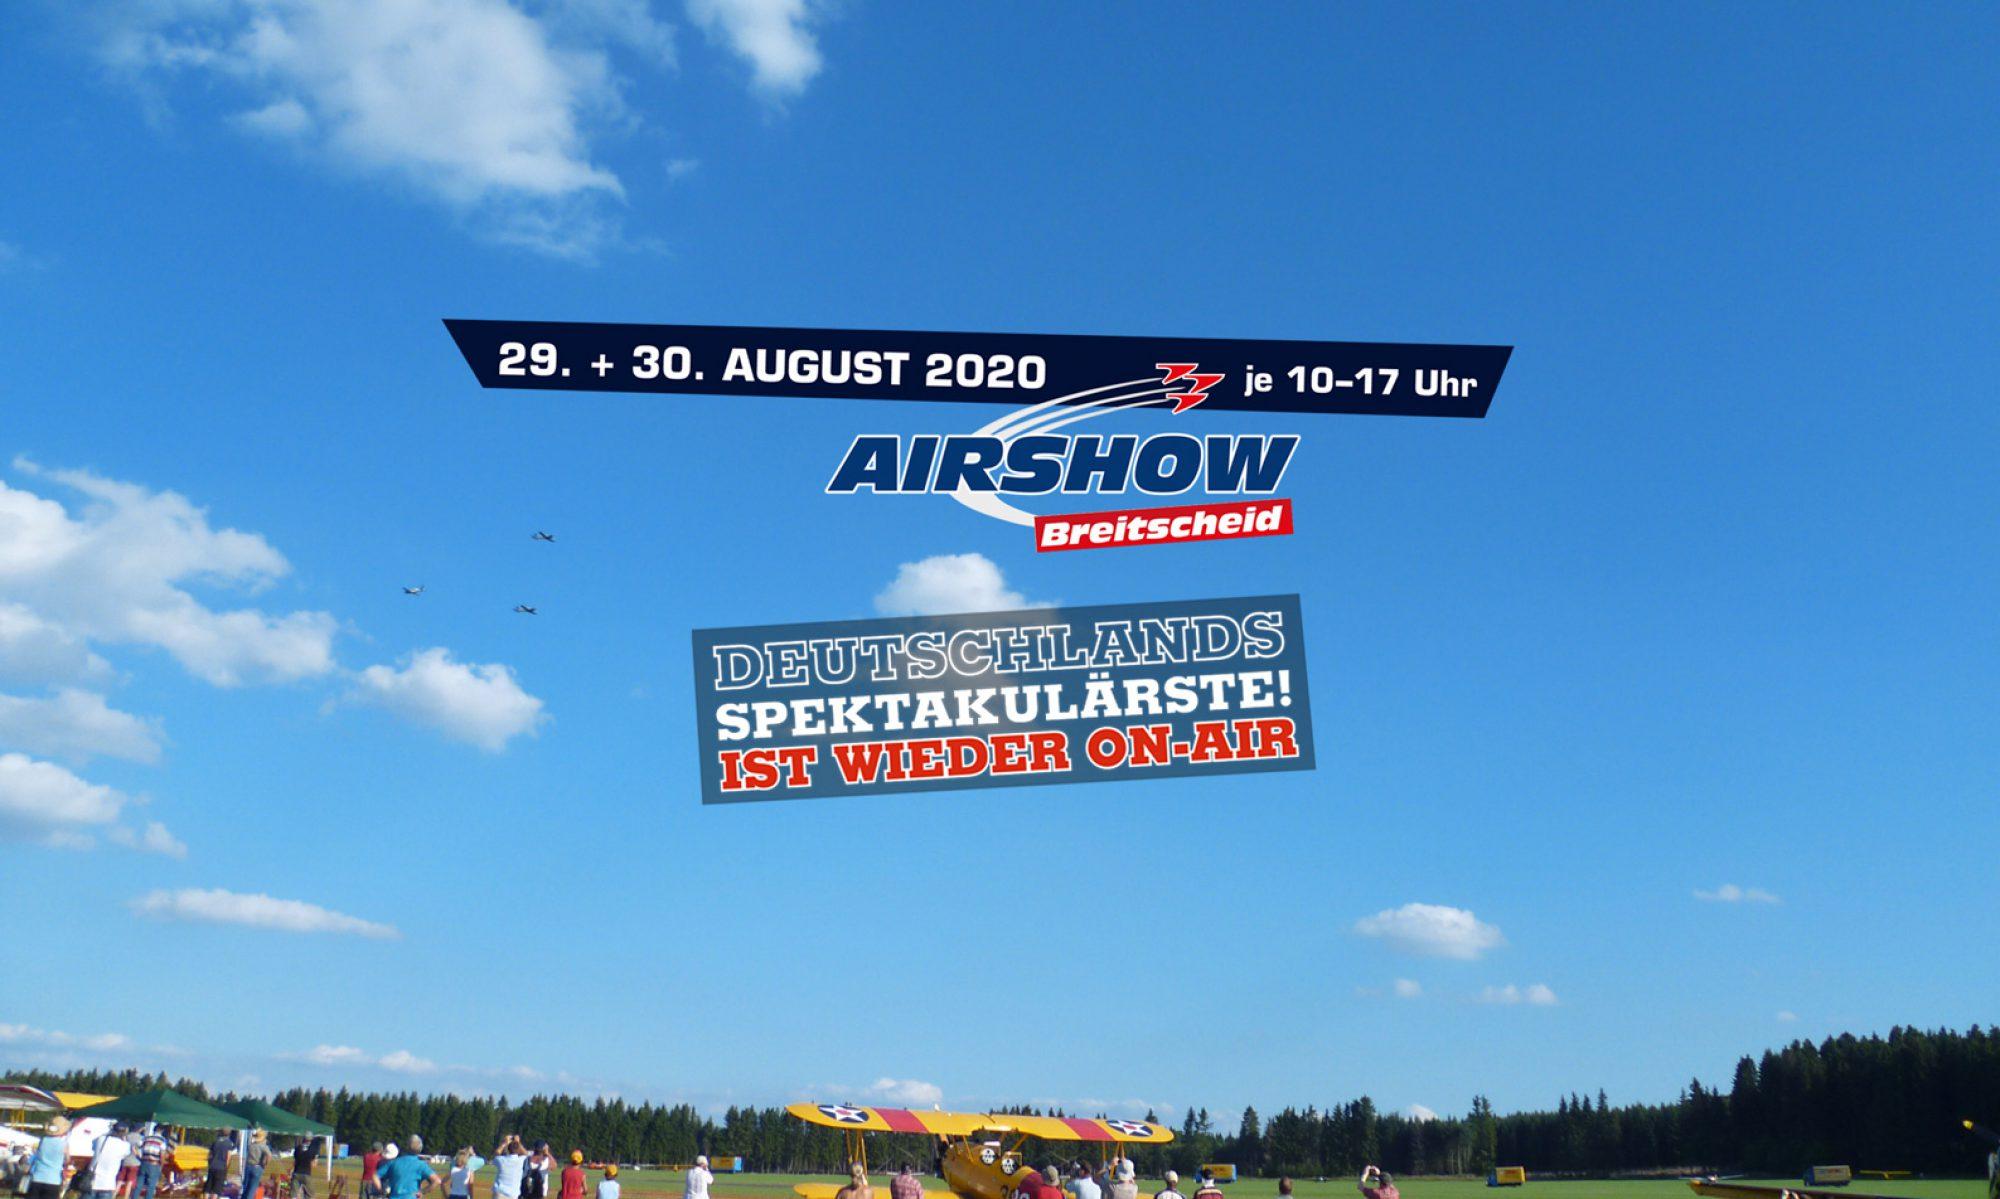 Airshow Breitscheid 2020